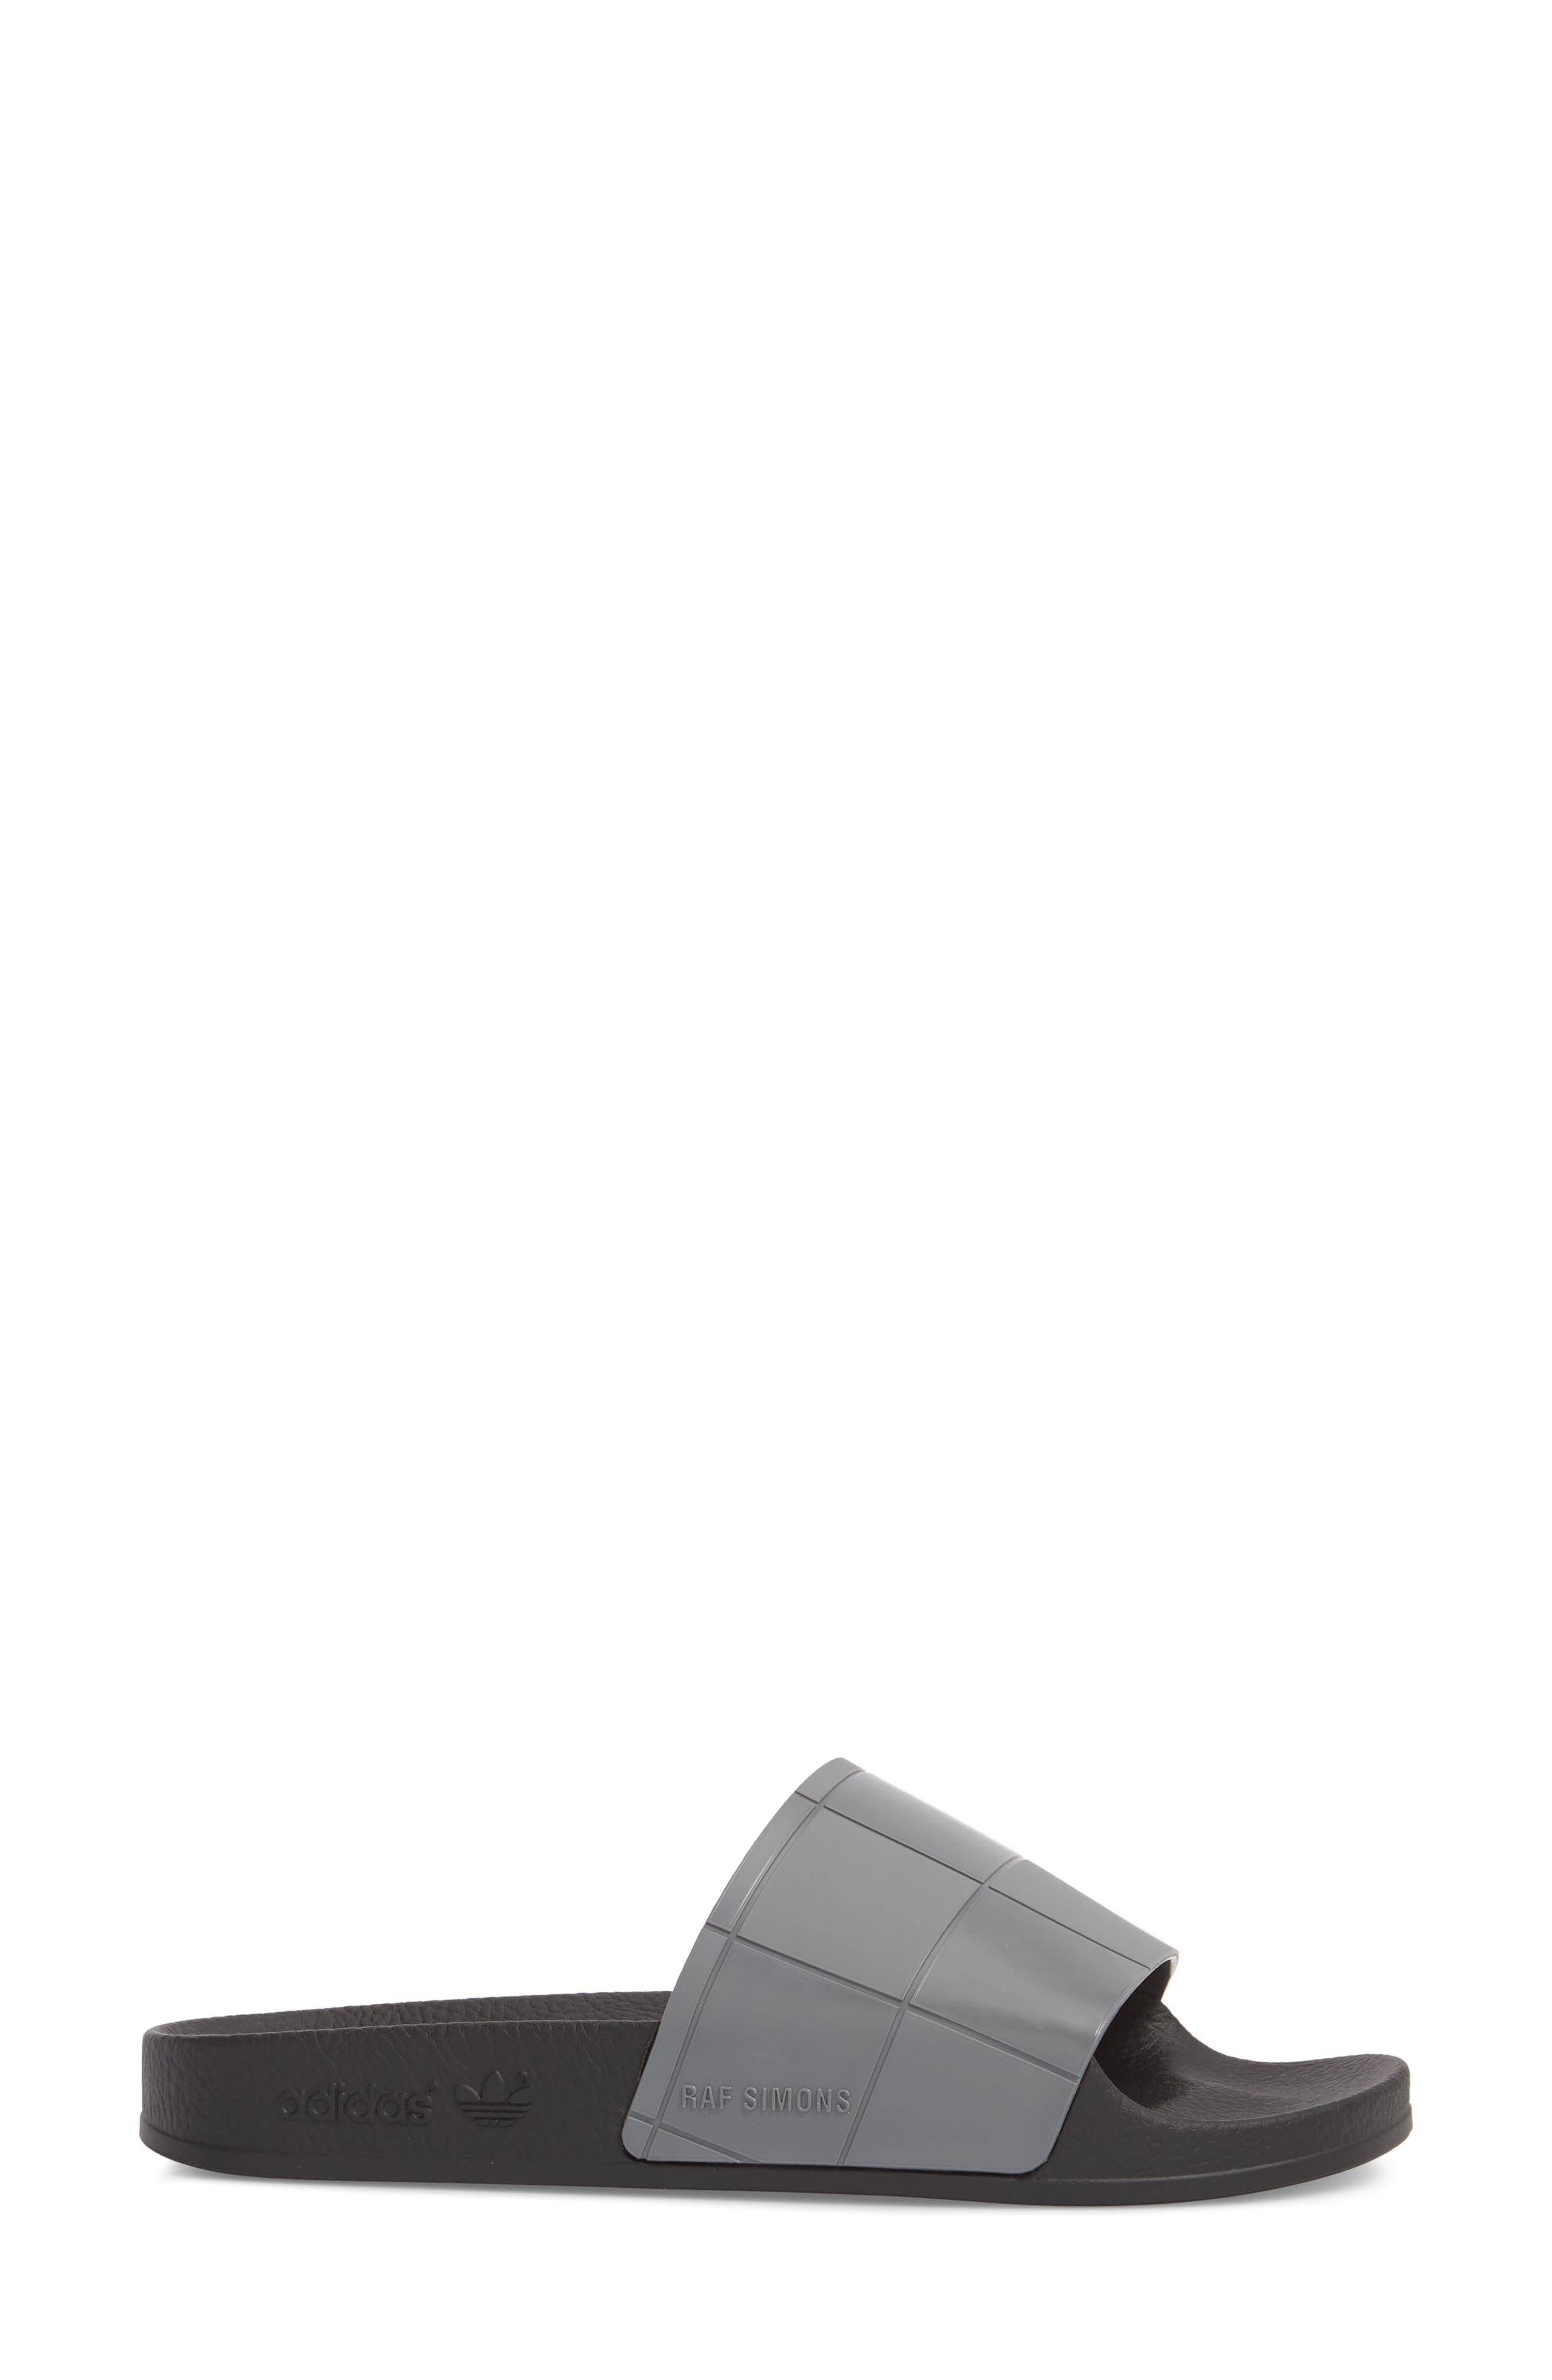 Adilette Slide Sandal,                             Alternate thumbnail 3, color,                             Core Black/ Granite